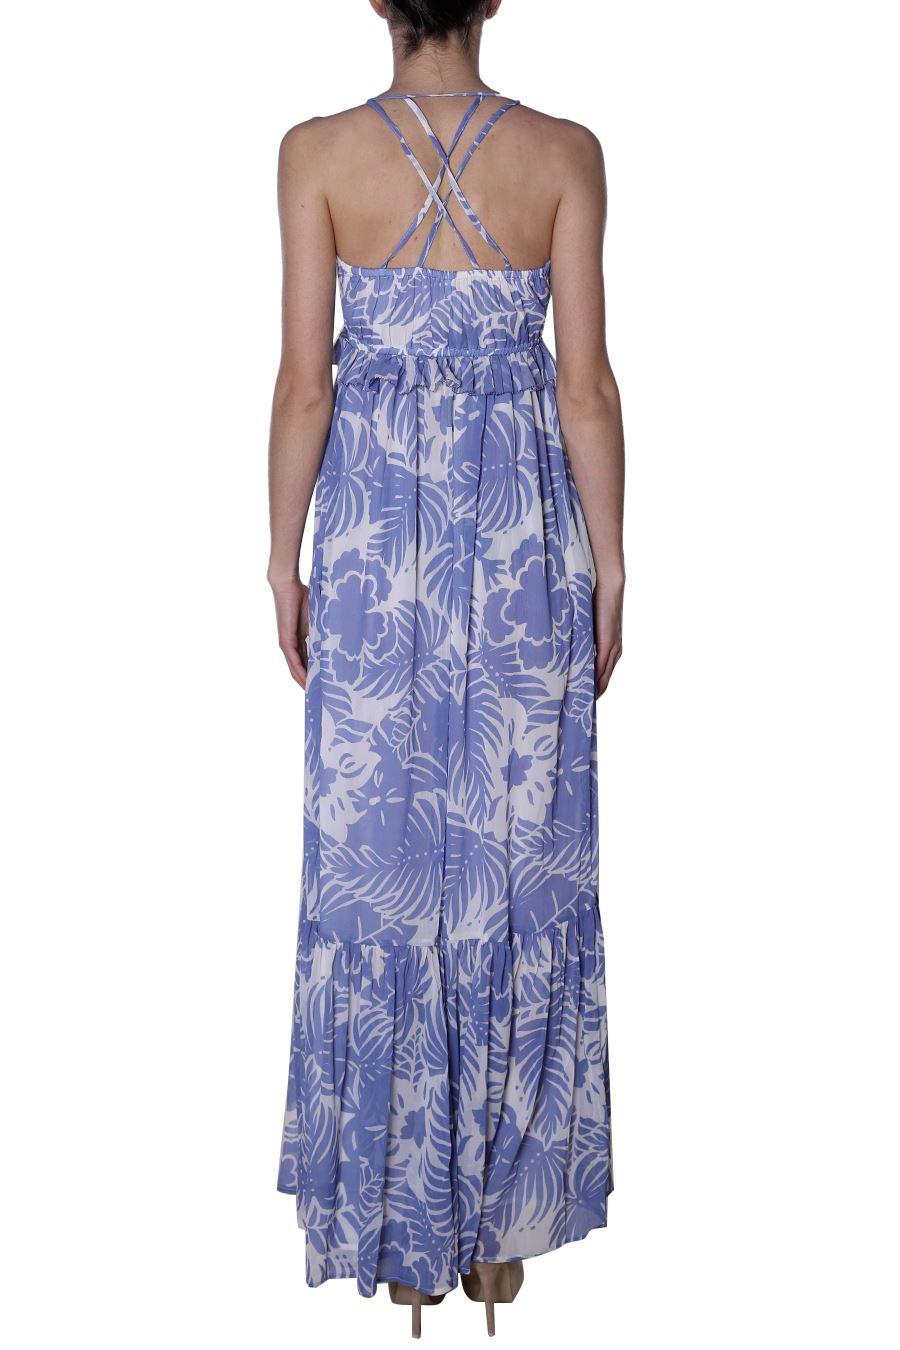 fd11f29788424a Machi di Mare - Shop online dei migliori marchi di moda